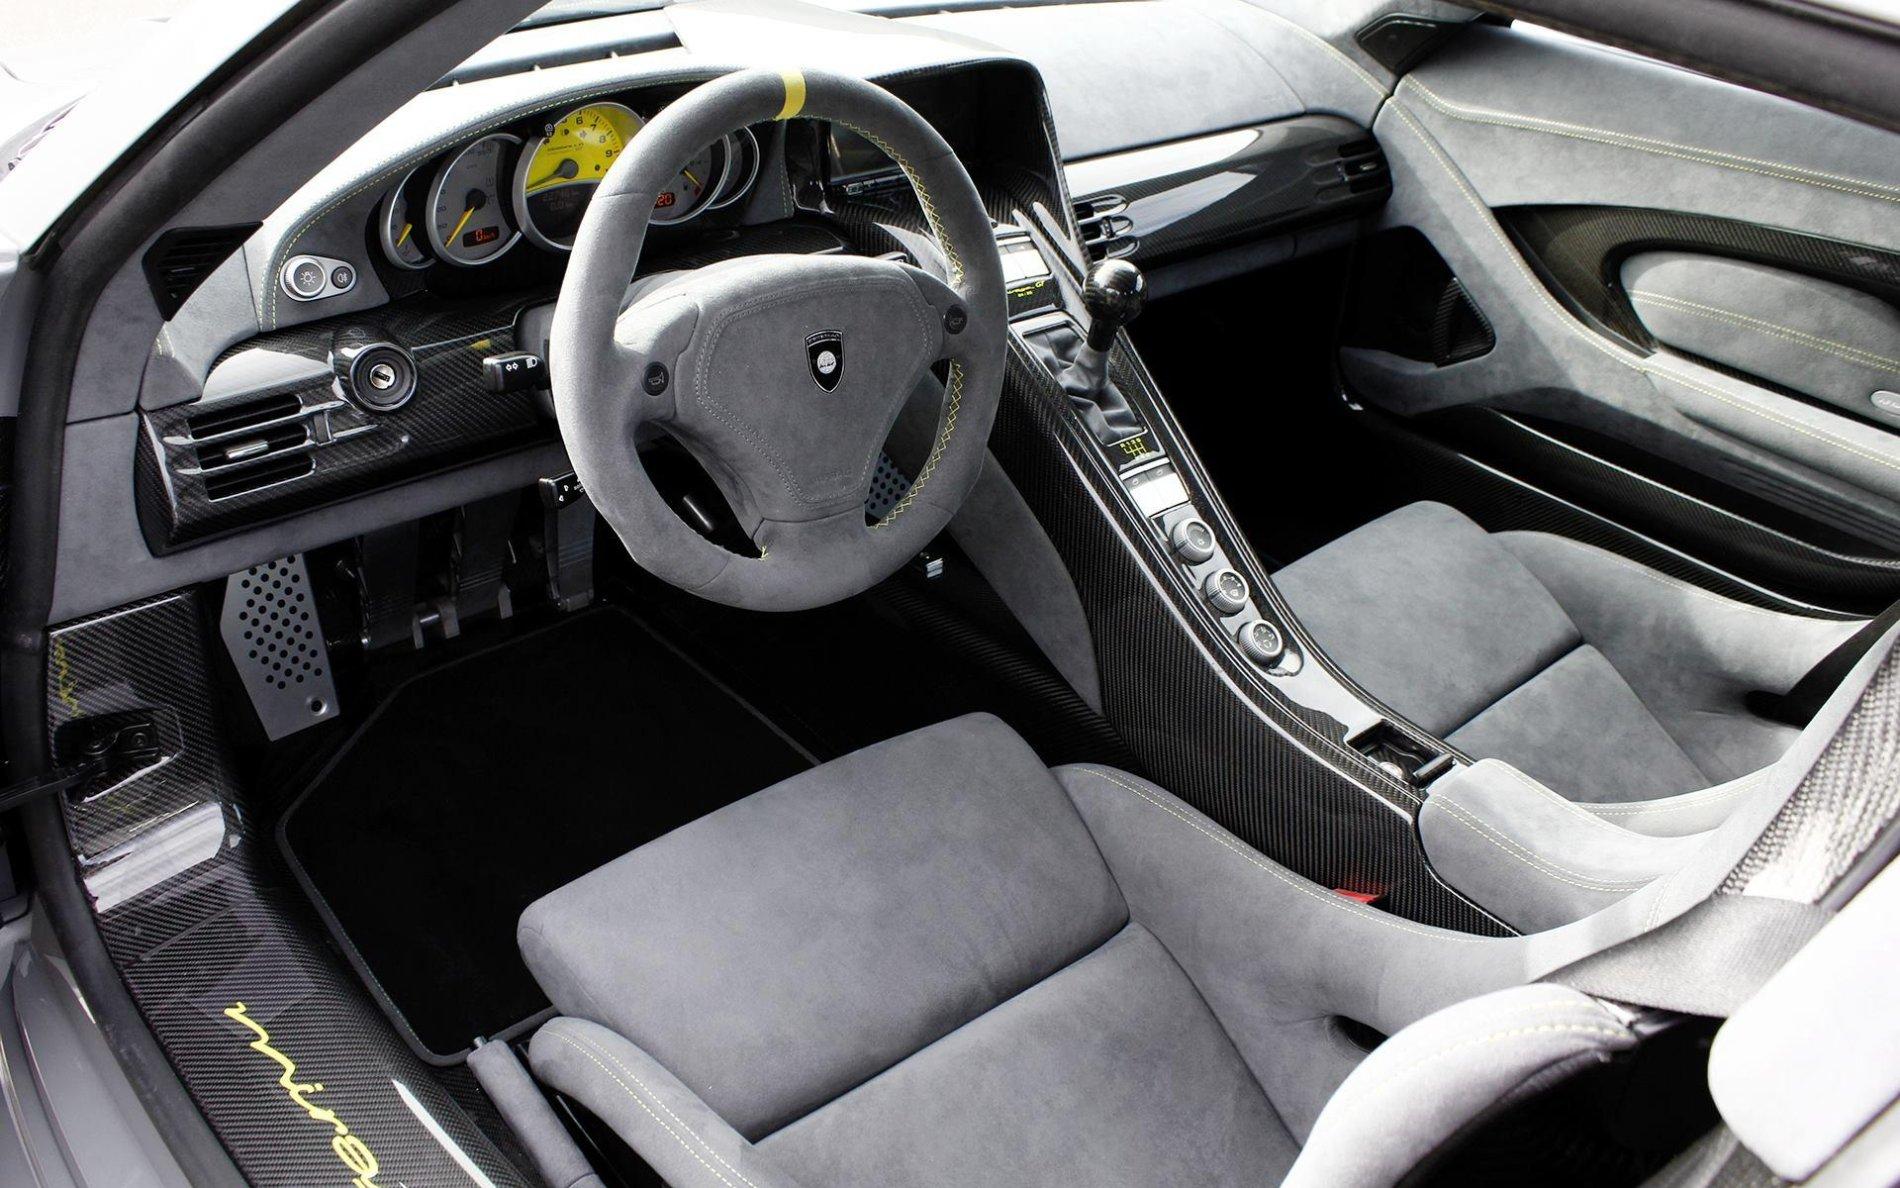 Gemballa Mirage GT - Gemballa Mirage GT